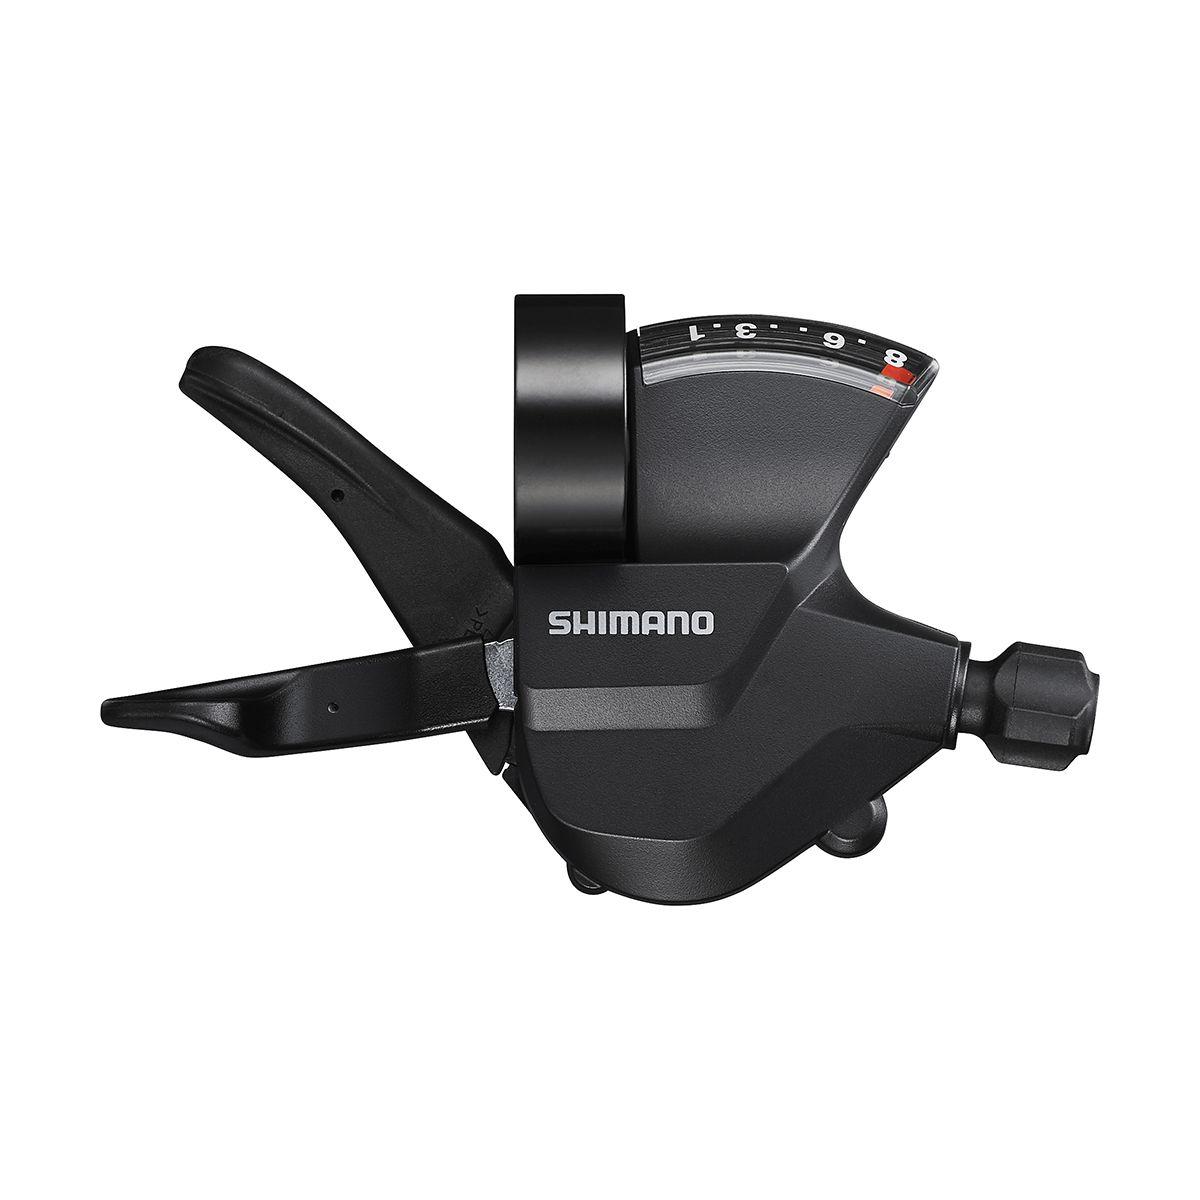 Shimano Manette Vit D 8v Av IndicateurSL-M315-8R Incl. Cables